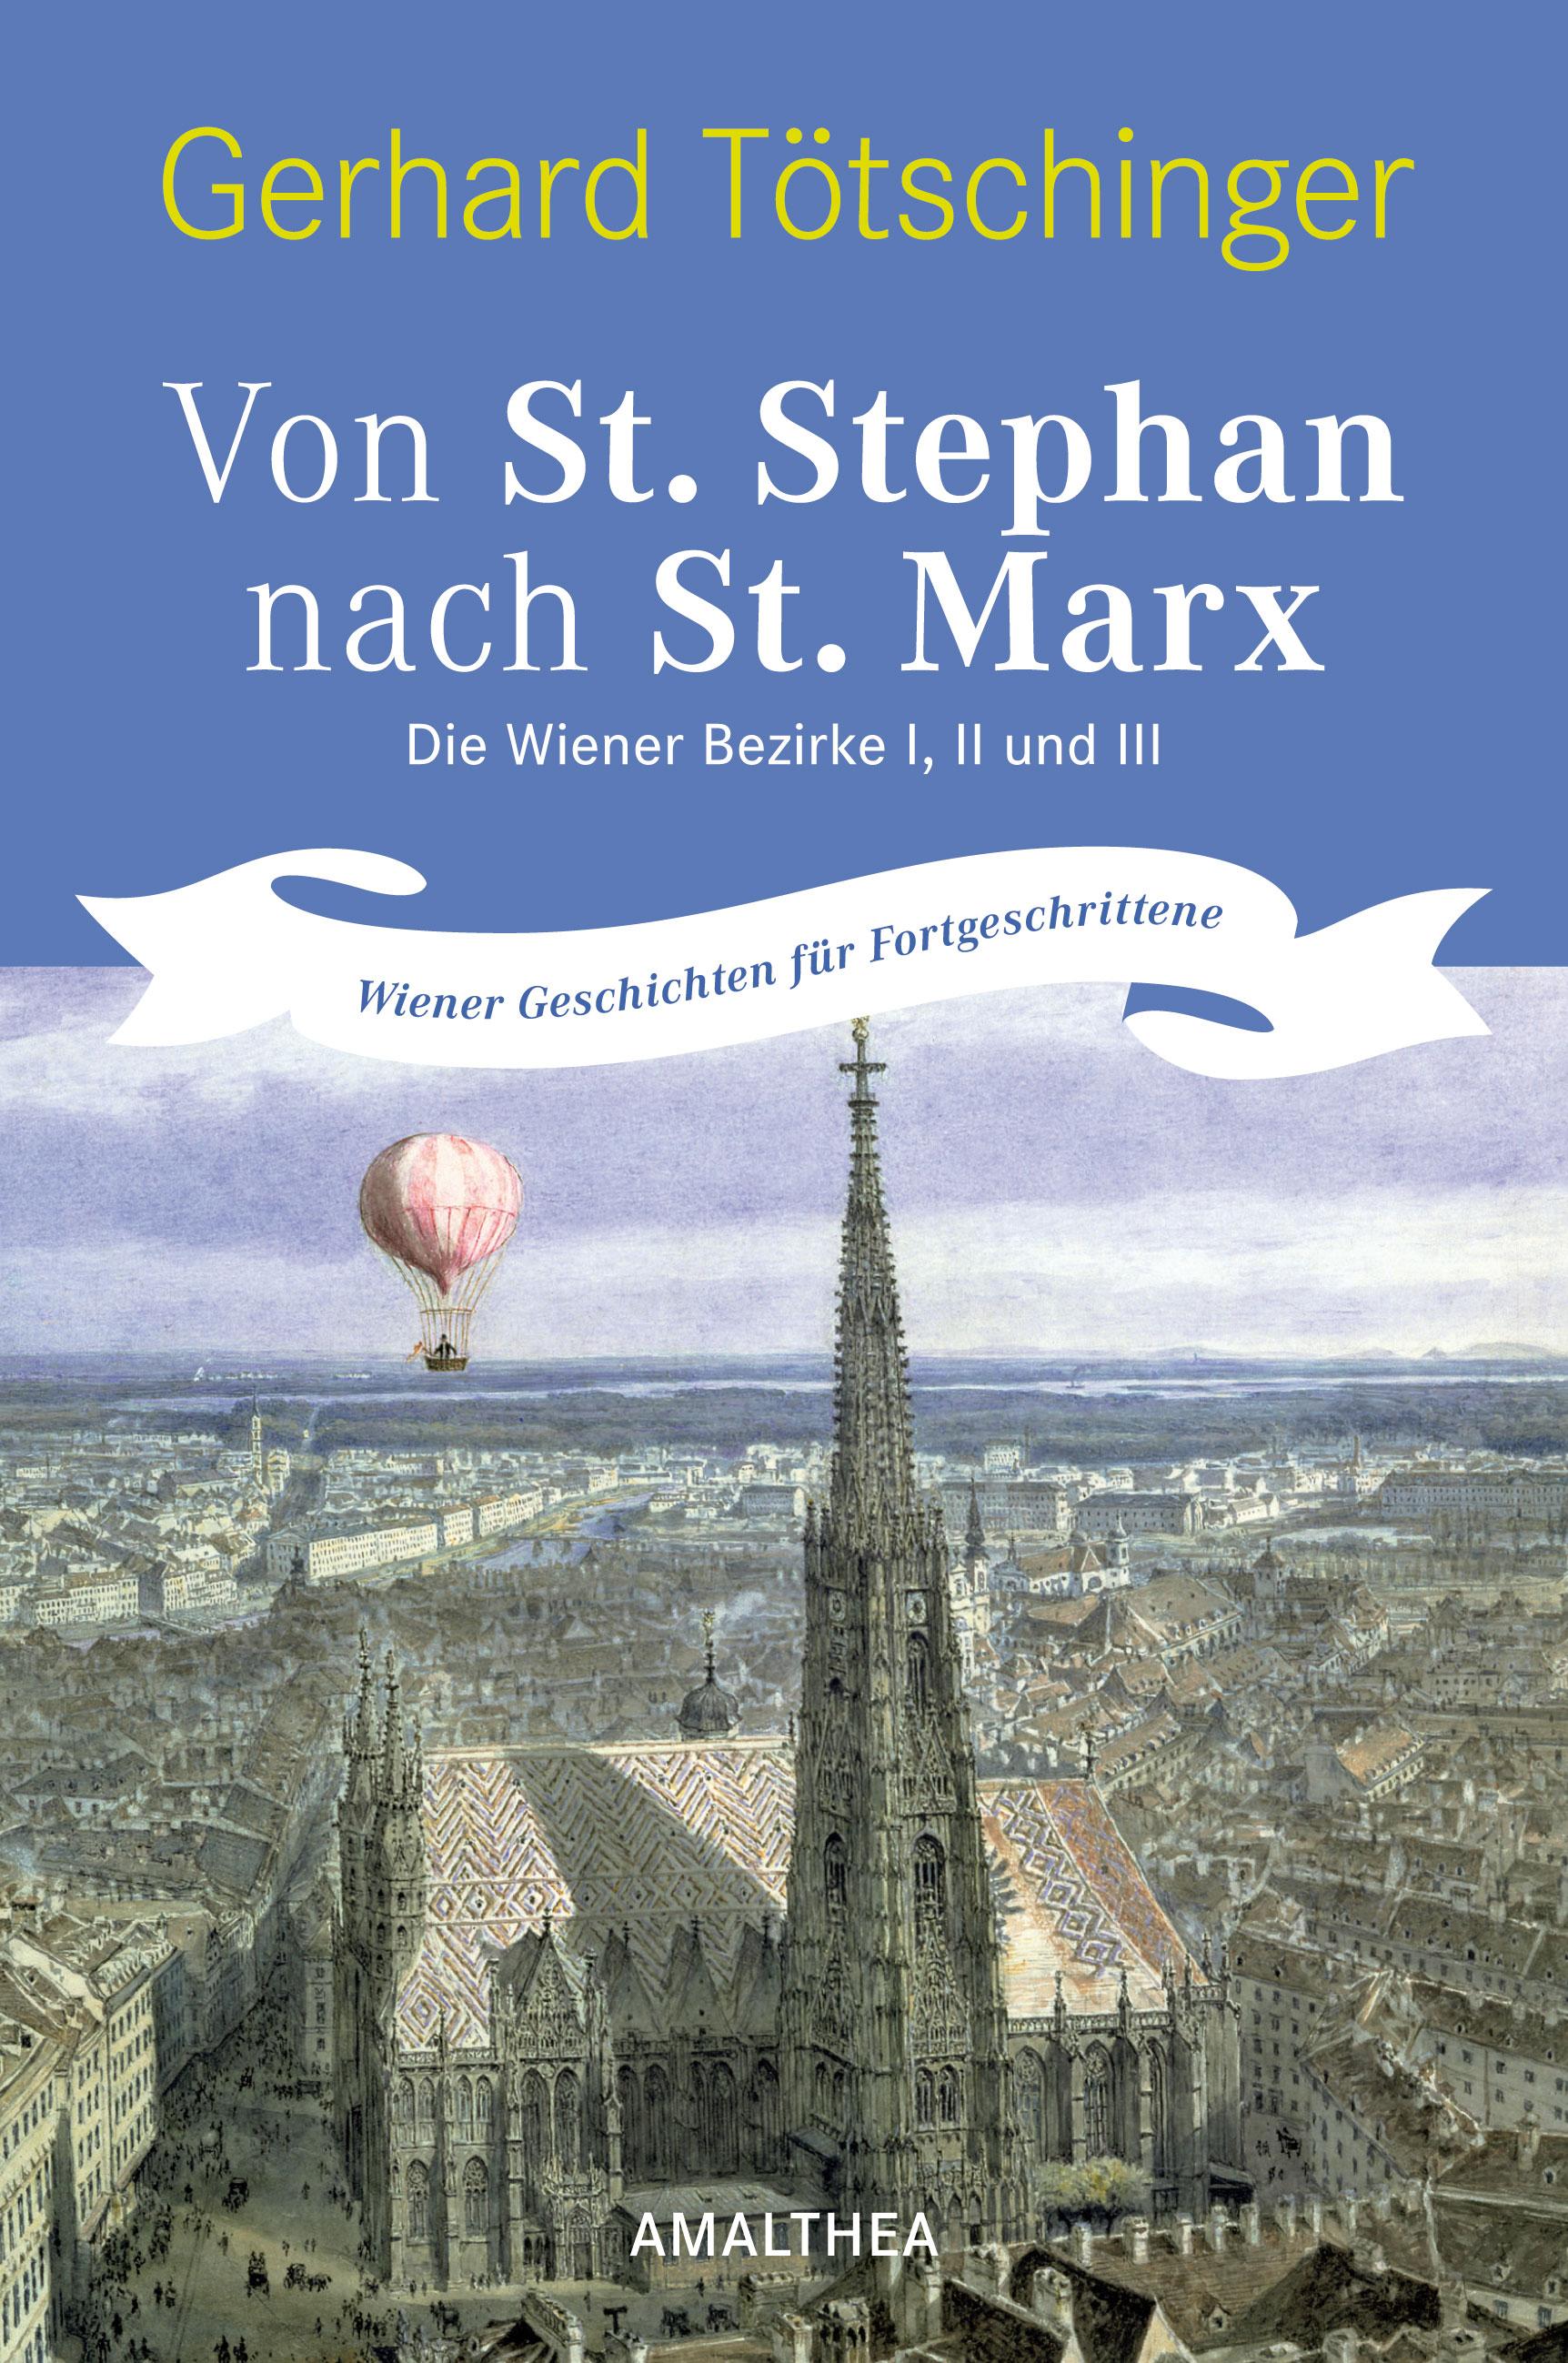 Von St. Stephan nach St. Marx, Gerhard Tötschinger